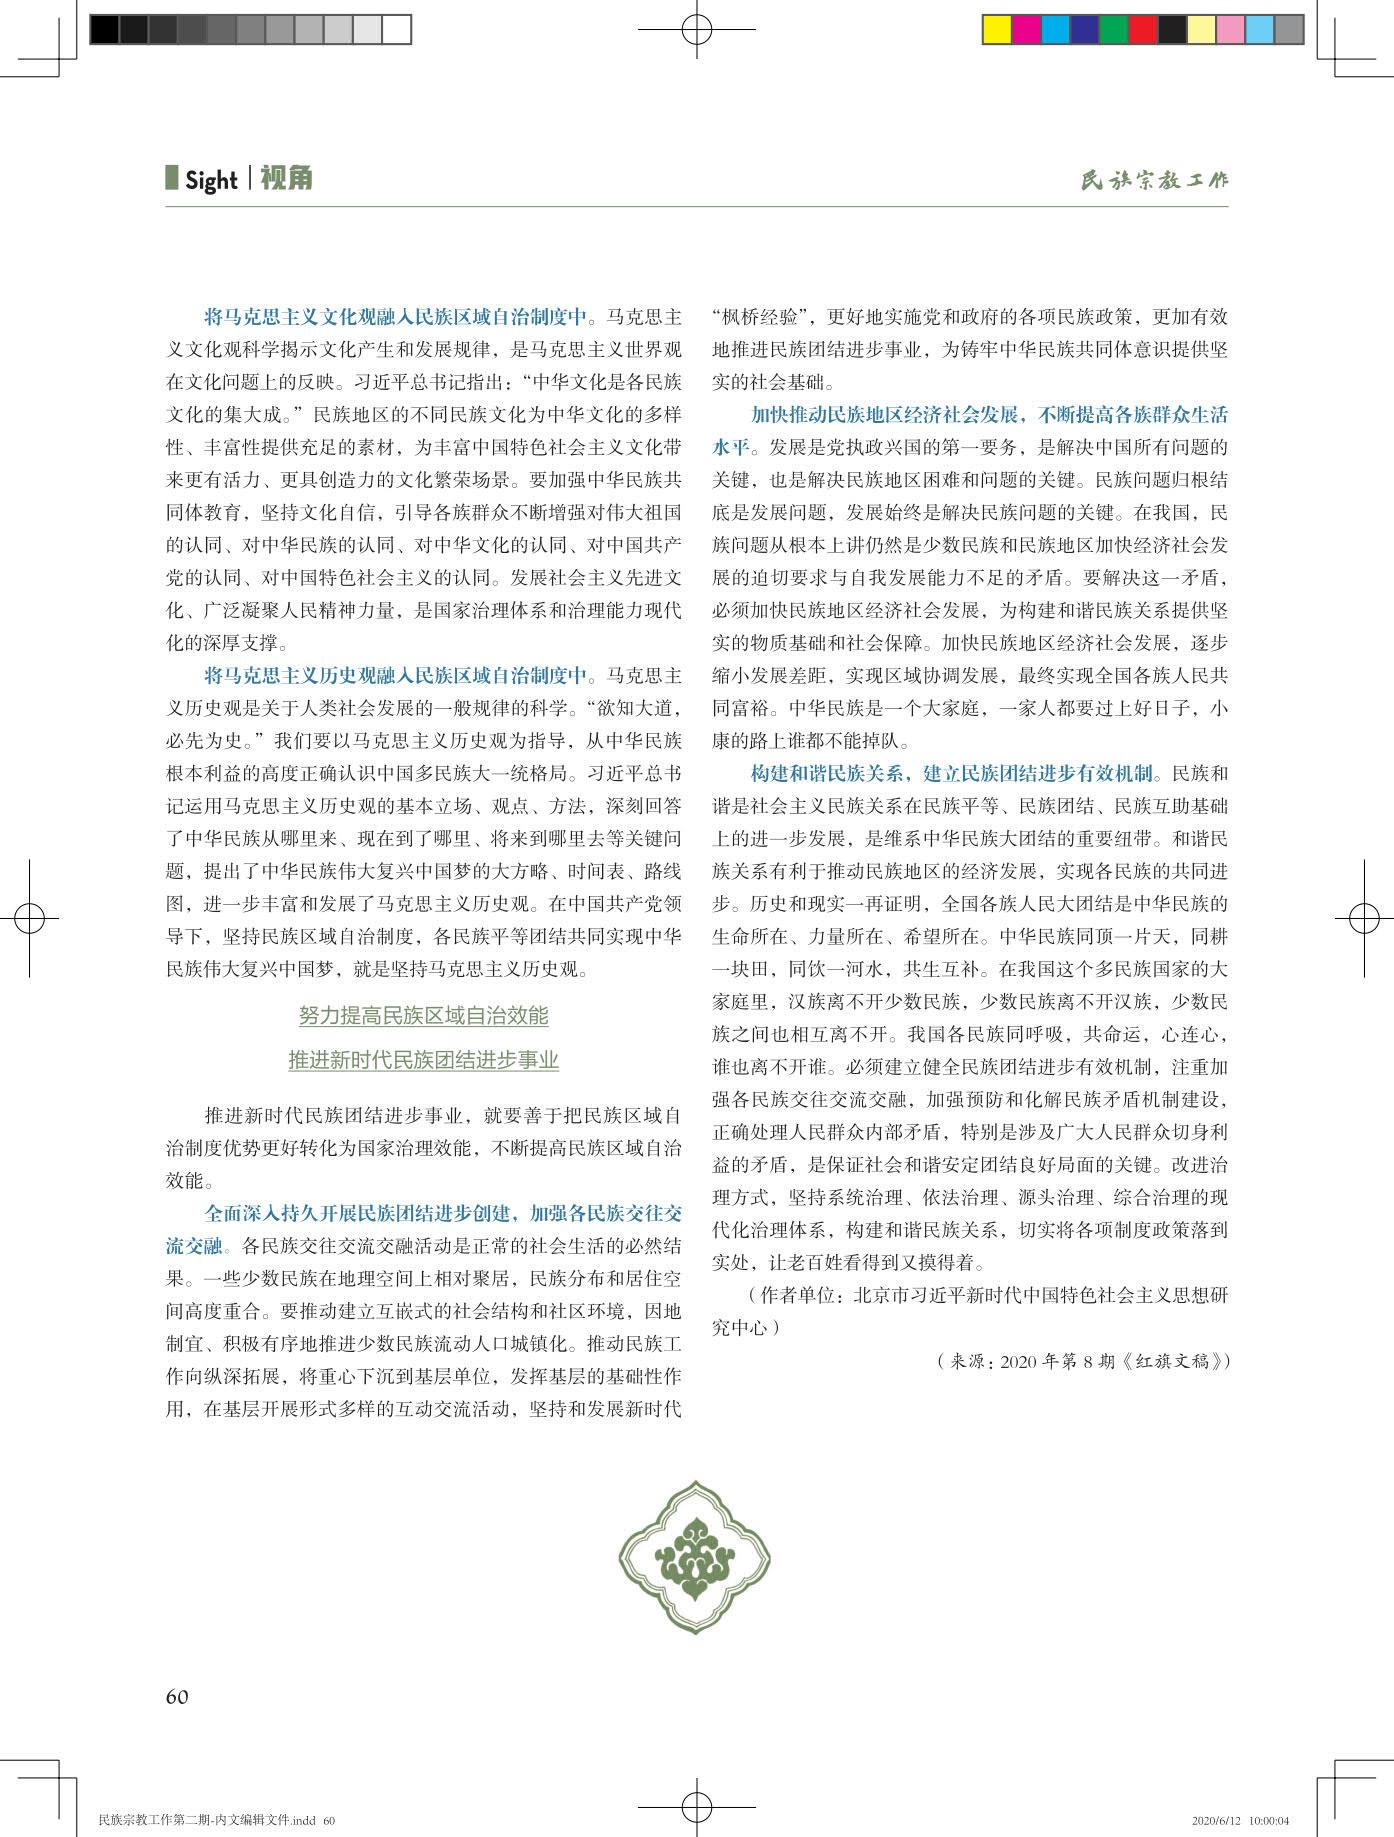 民族宗教工作第二期-内文20200612-蓝样_60.jpg